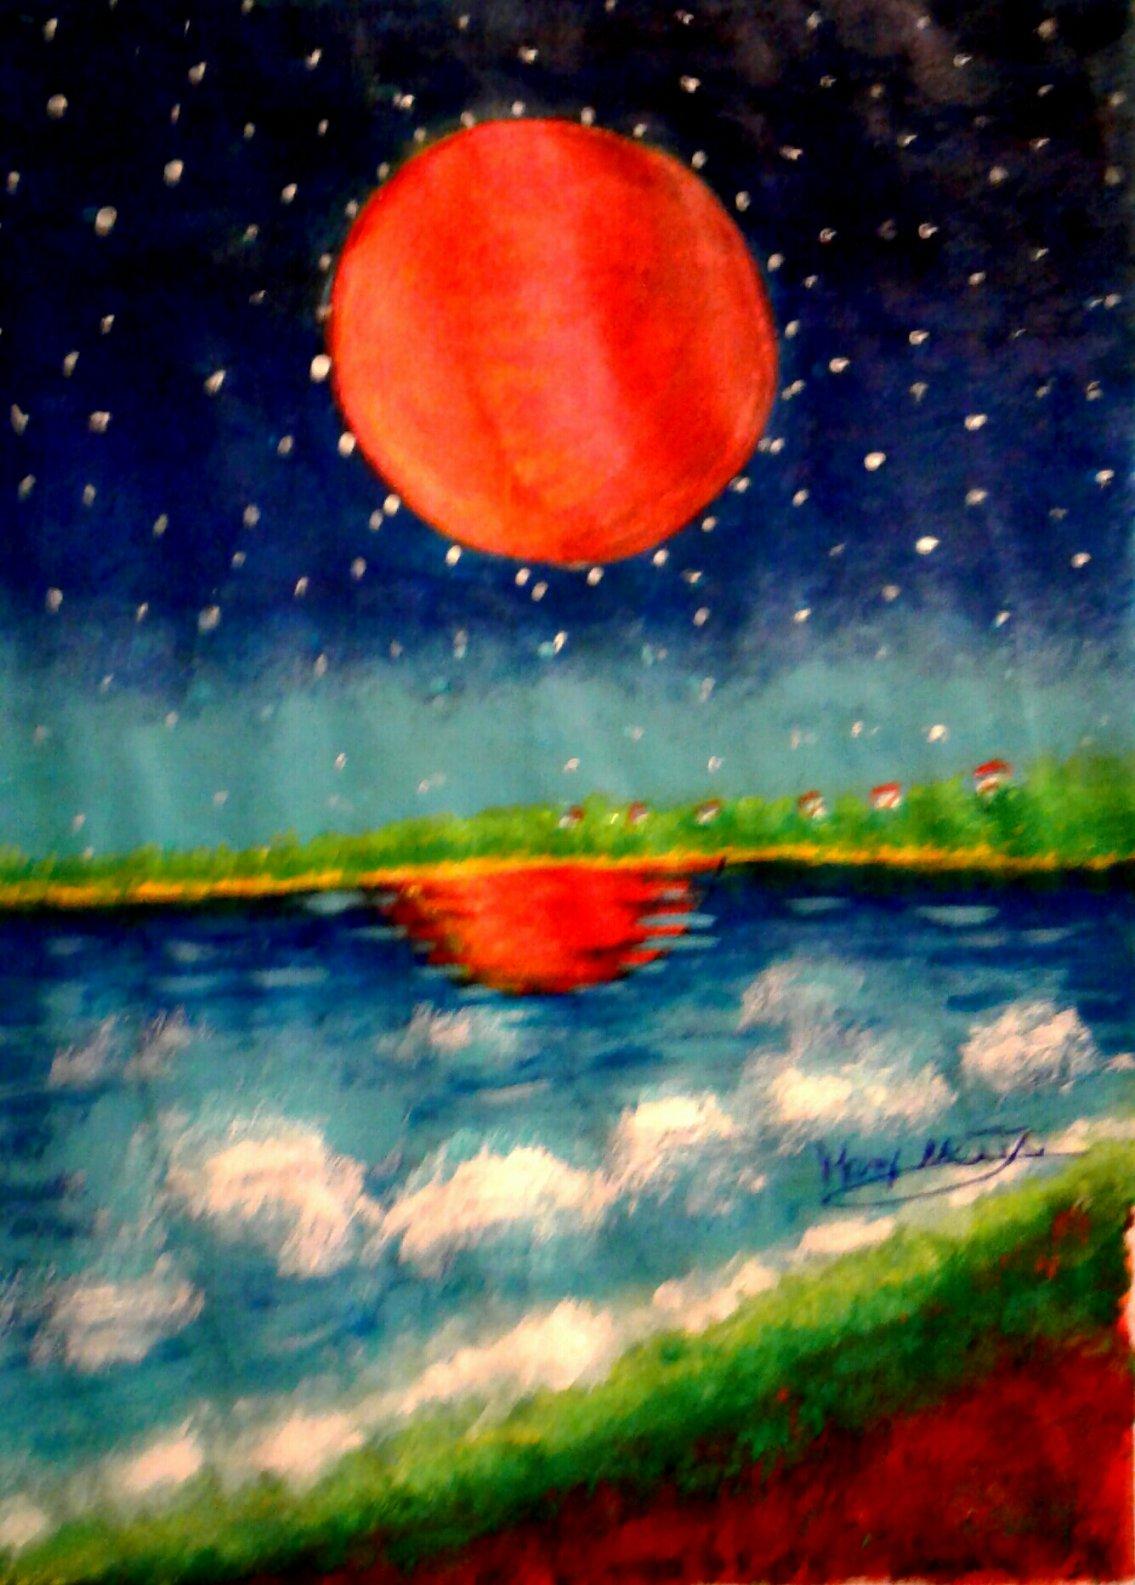 La Luna Roja reflejada en el mar (2019) - Christian Mery Netto Da Costa